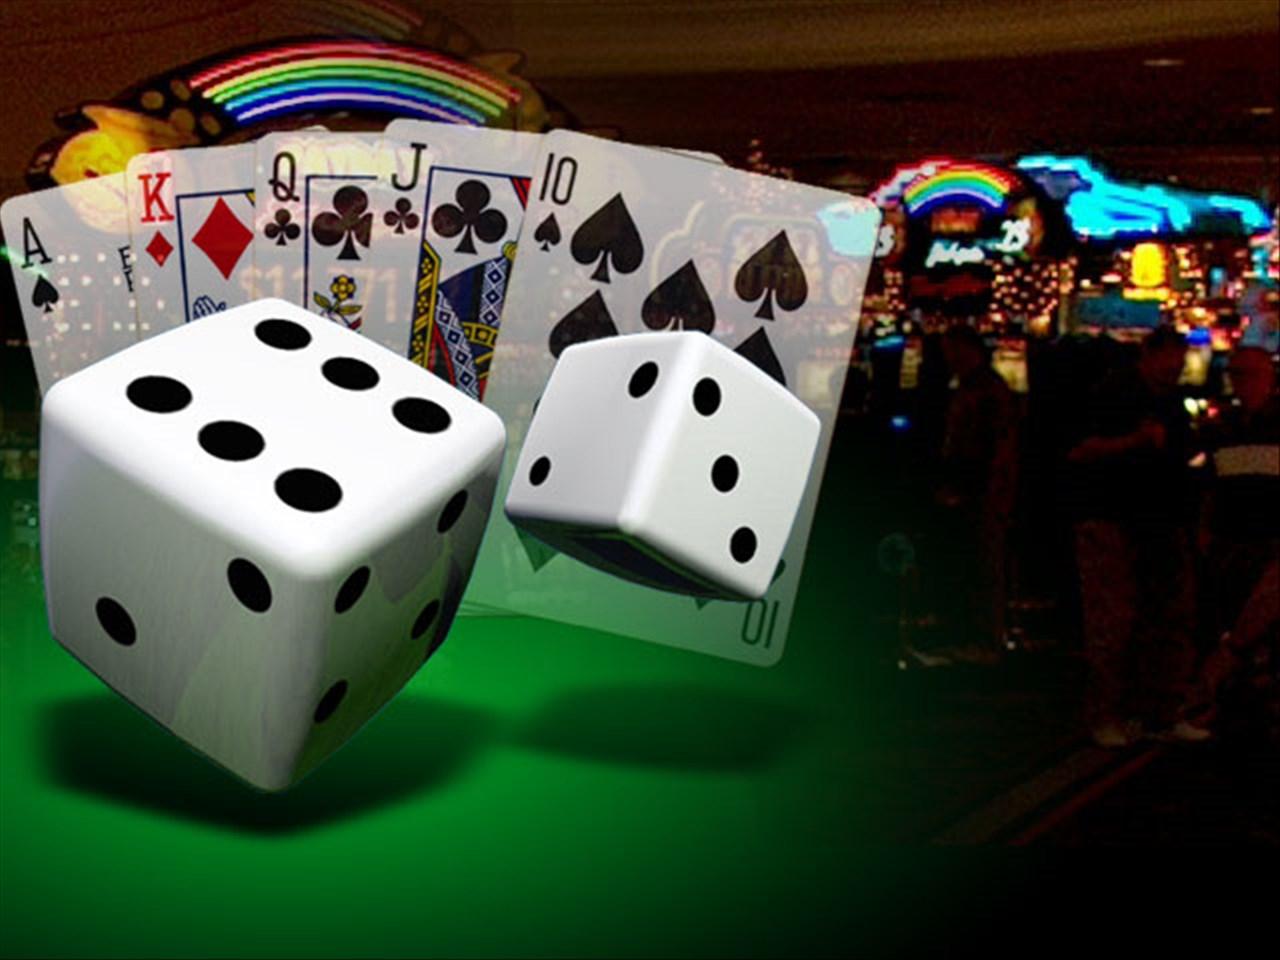 Casino photo2.jpg